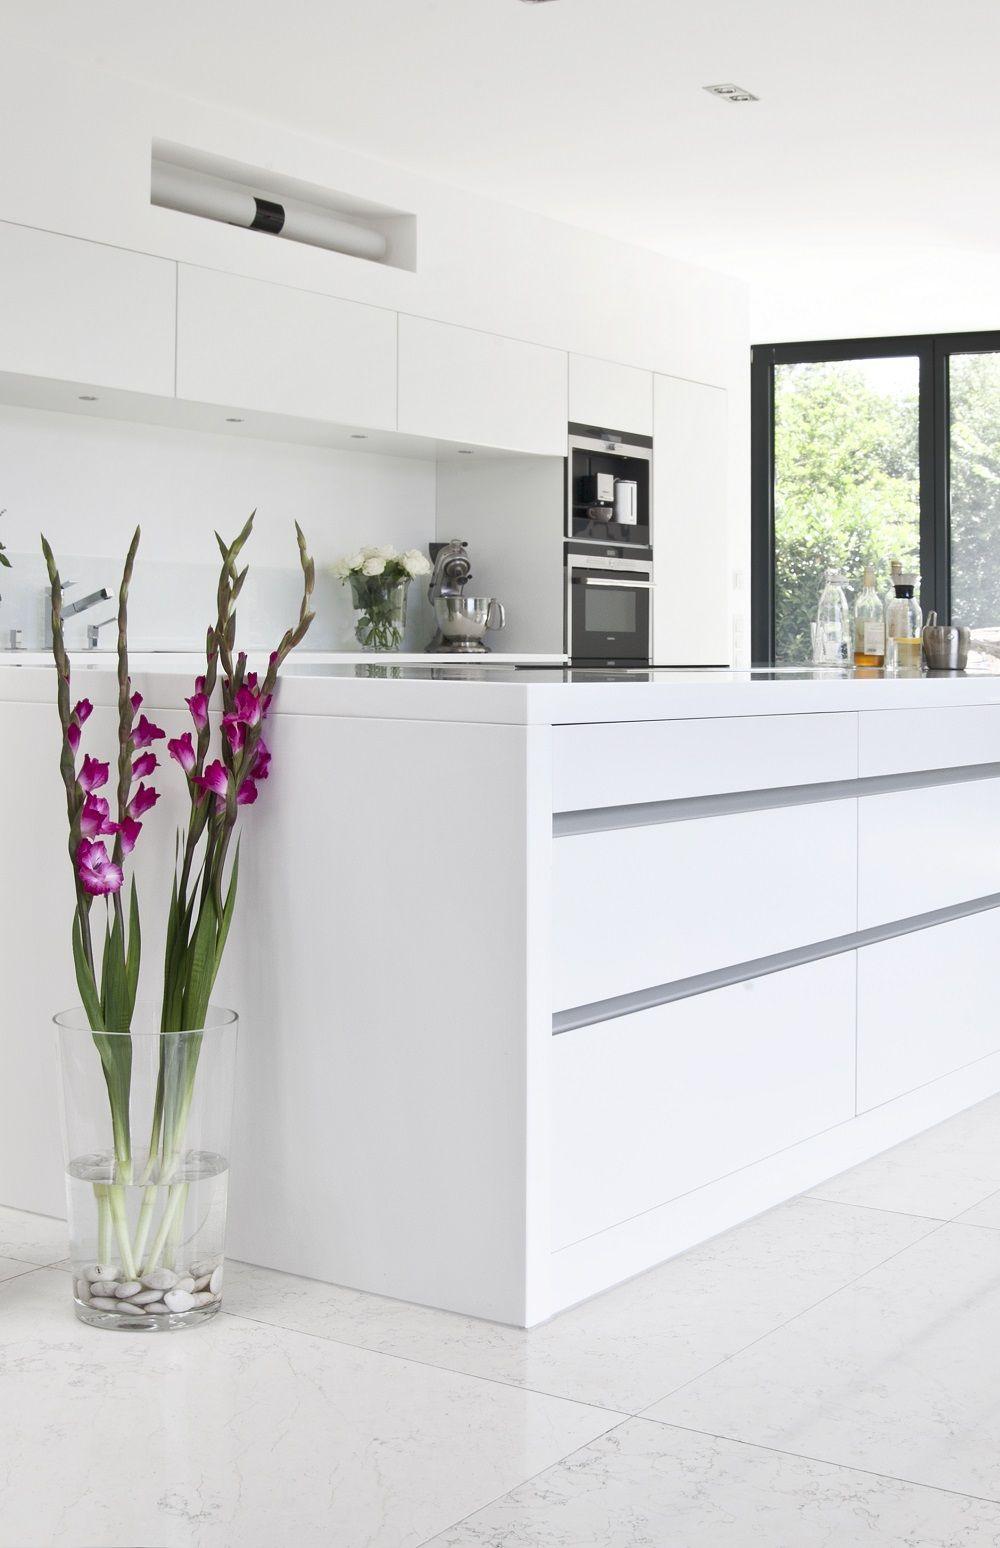 bodenlange fensterfronten s ulen aus beton und eine gro e offene k che mit k chenblock die. Black Bedroom Furniture Sets. Home Design Ideas